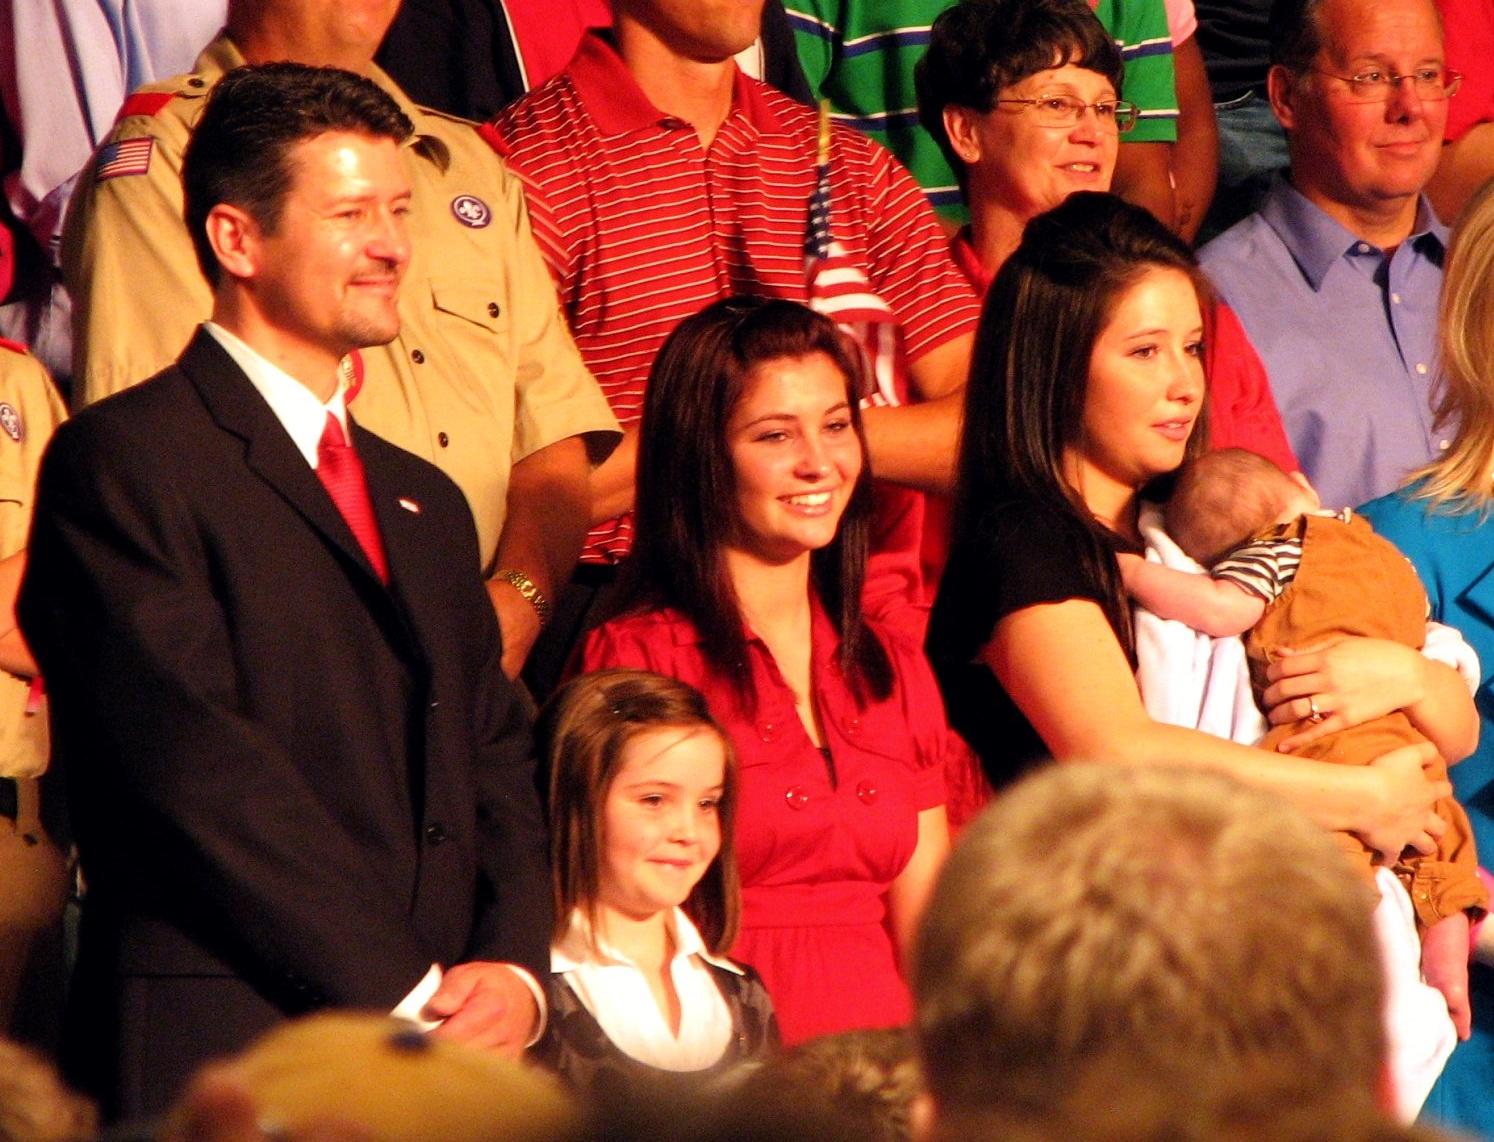 Rodina Palinových, Bristol s Trigem zcela vpravo